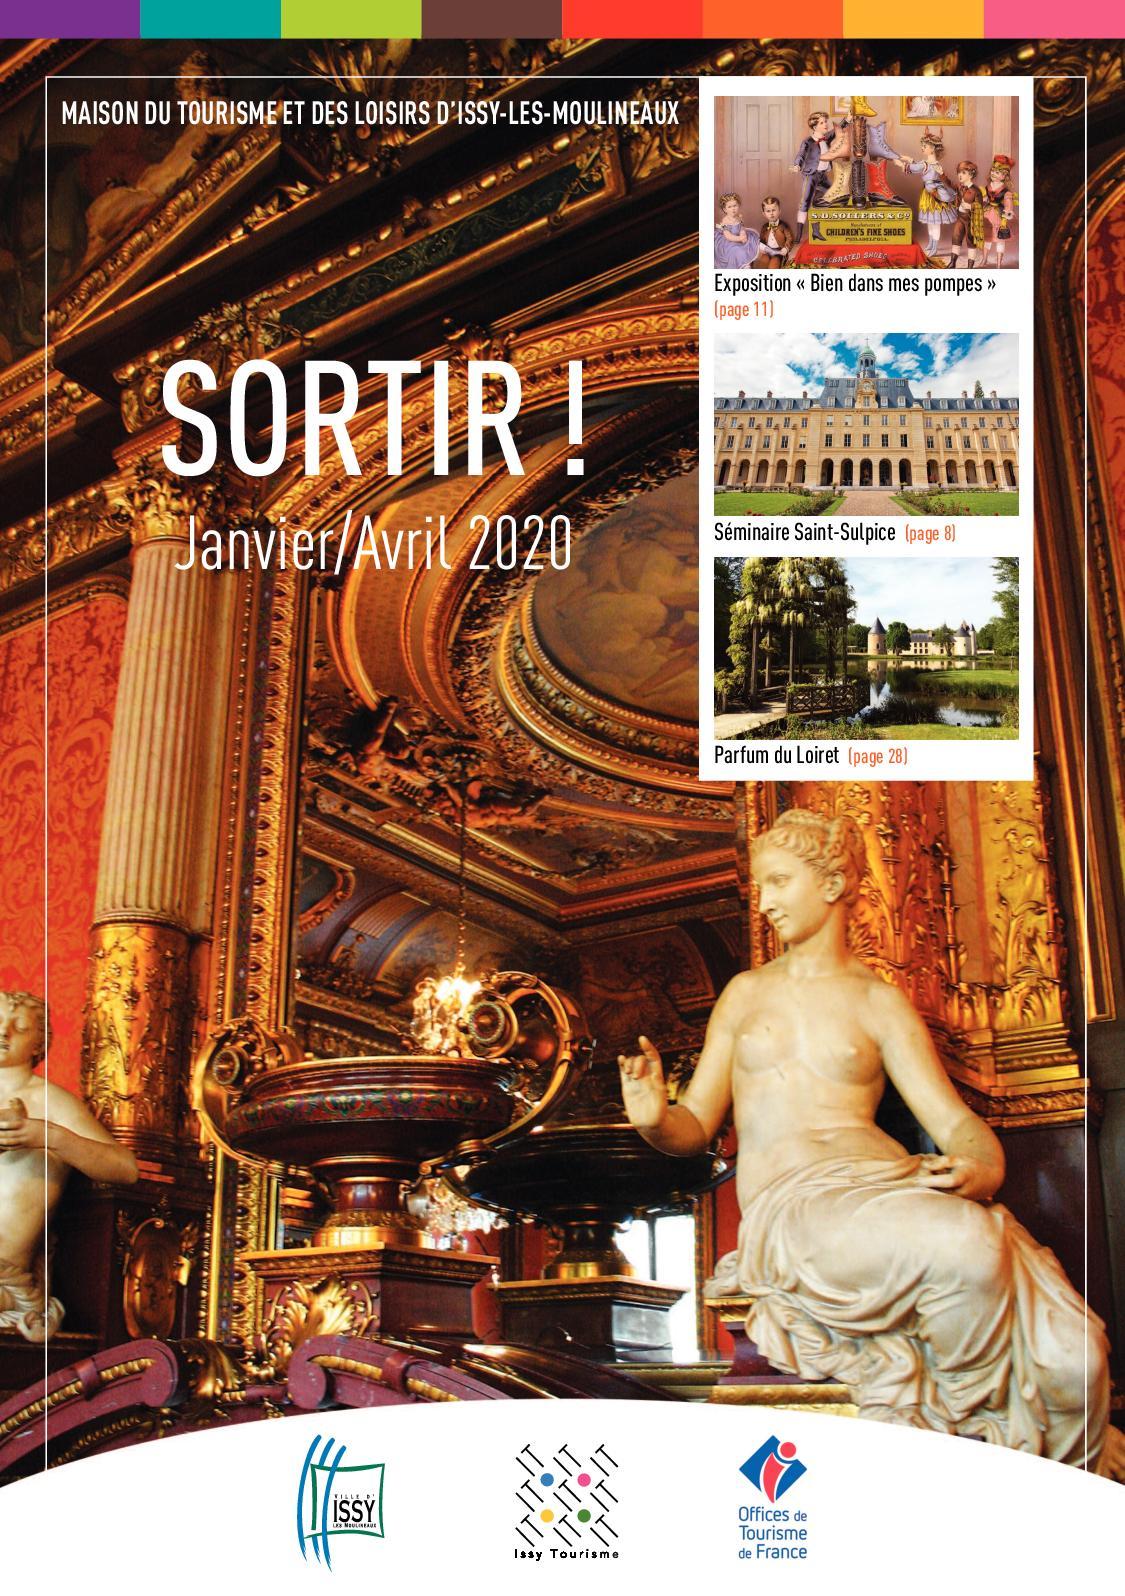 La Maison Bleue Issy Les Moulineaux calaméo - issy tourisme - brochure sortir janvier avril 2020